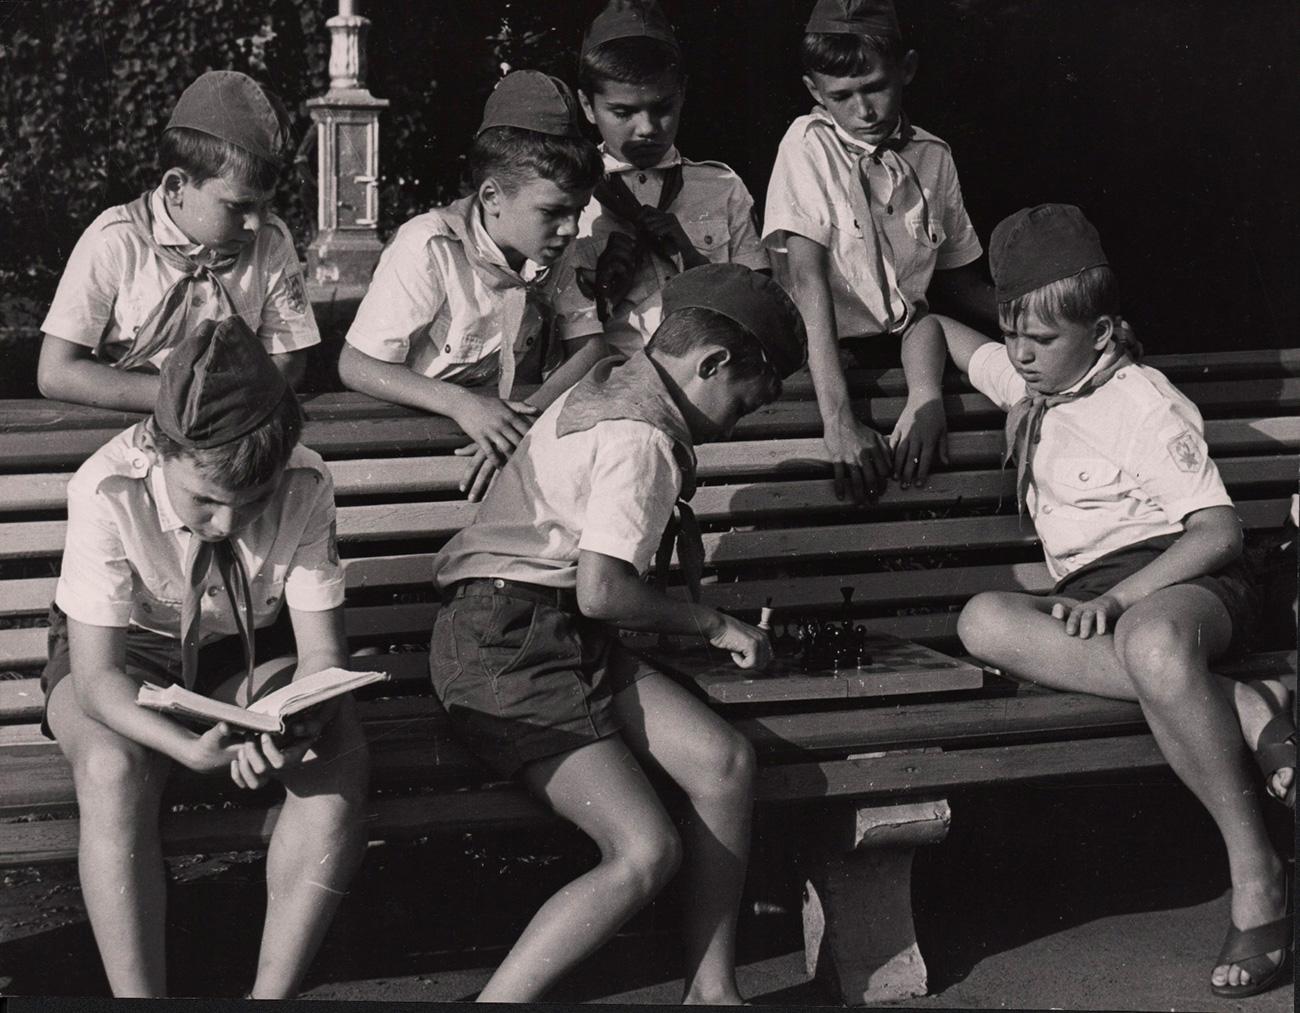 La messa online dell'archivio è parte di un progetto più ampio curato dalla storica della fotografia Giovanna Bertelli